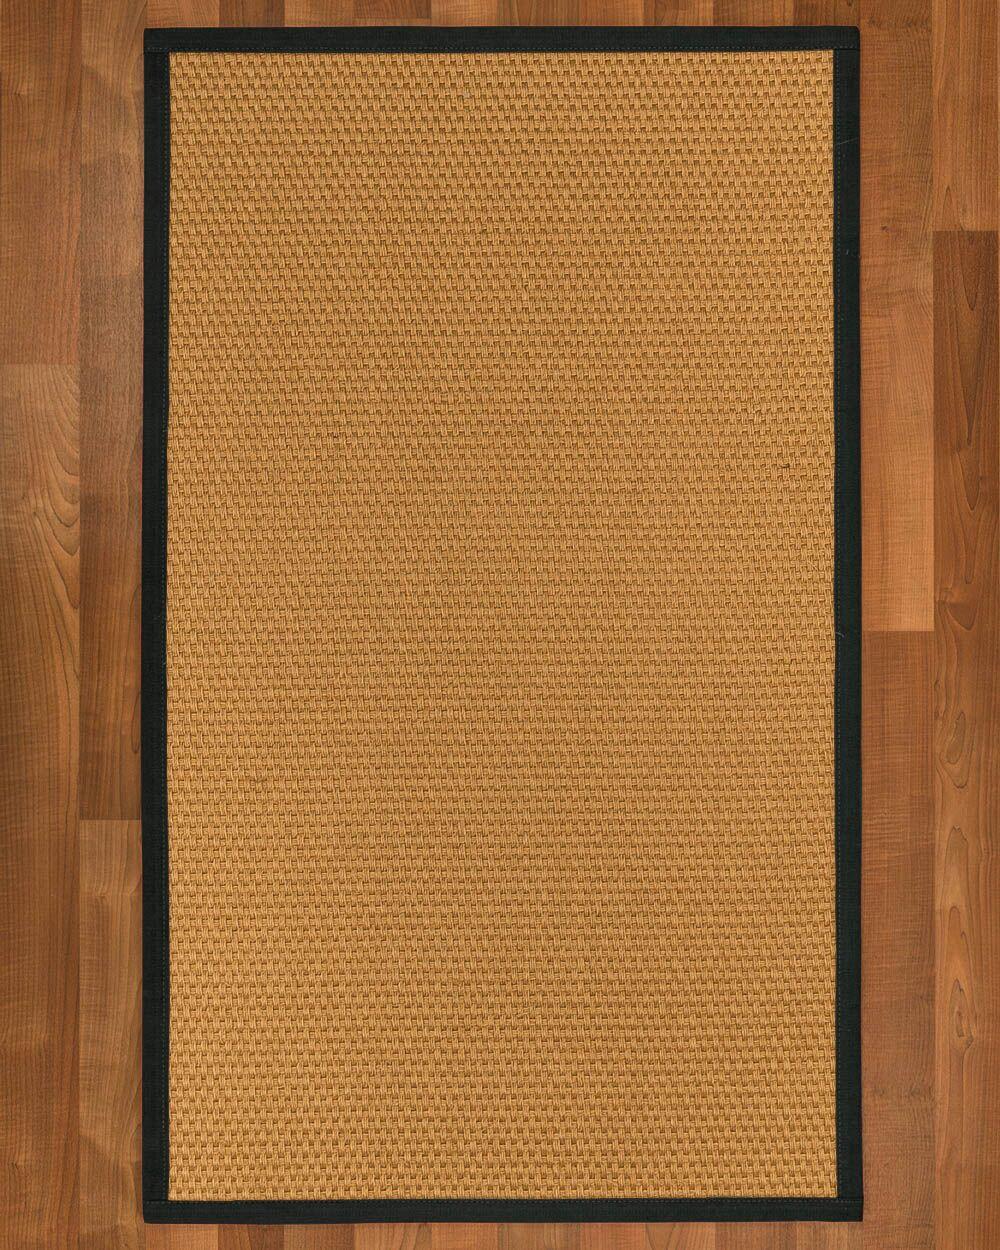 Shauntel Hand-Woven Beige Area Rug Rug Size: Rectangle 9' X 12'